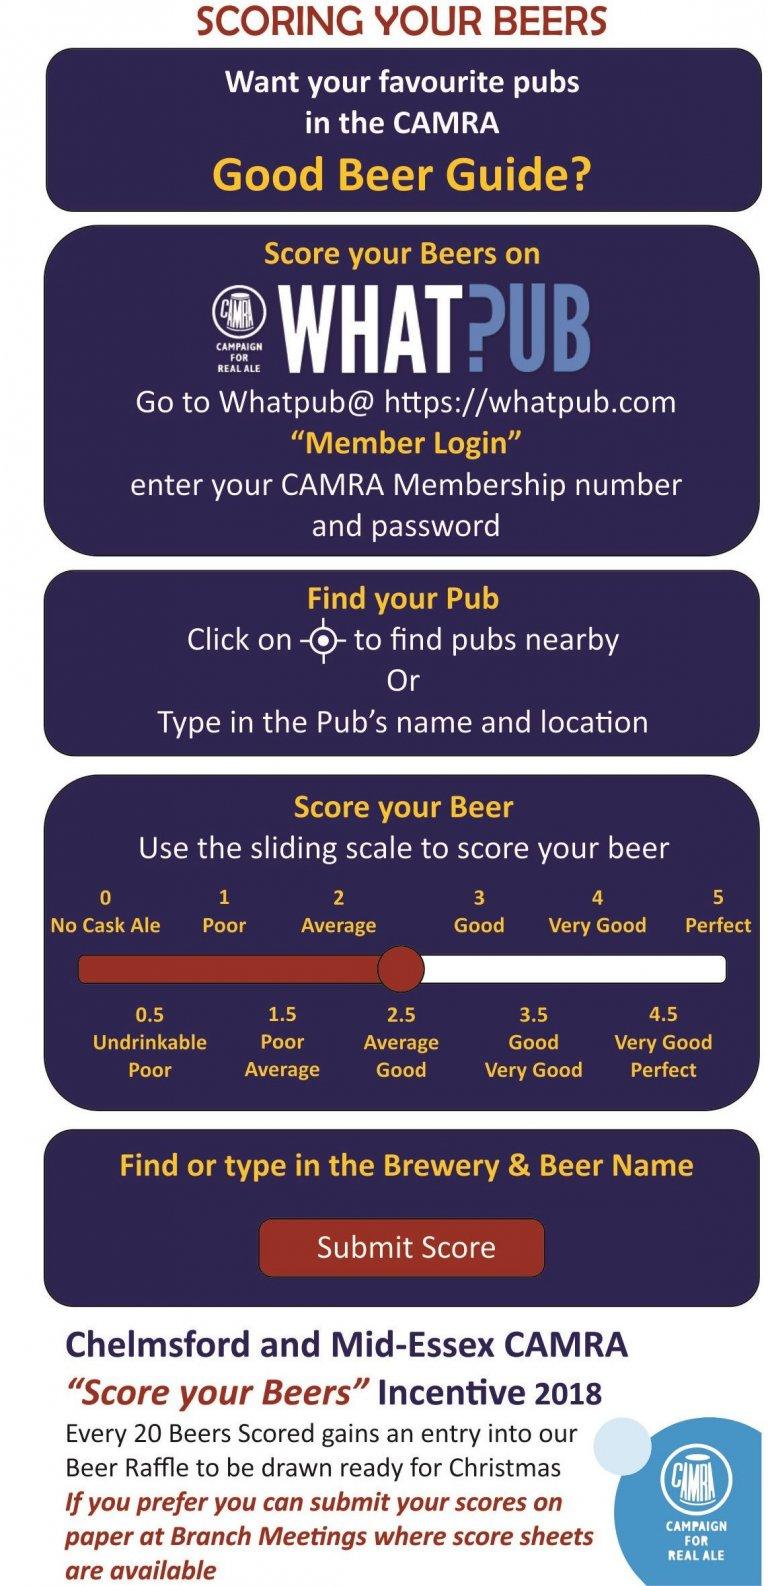 Scoring your beers